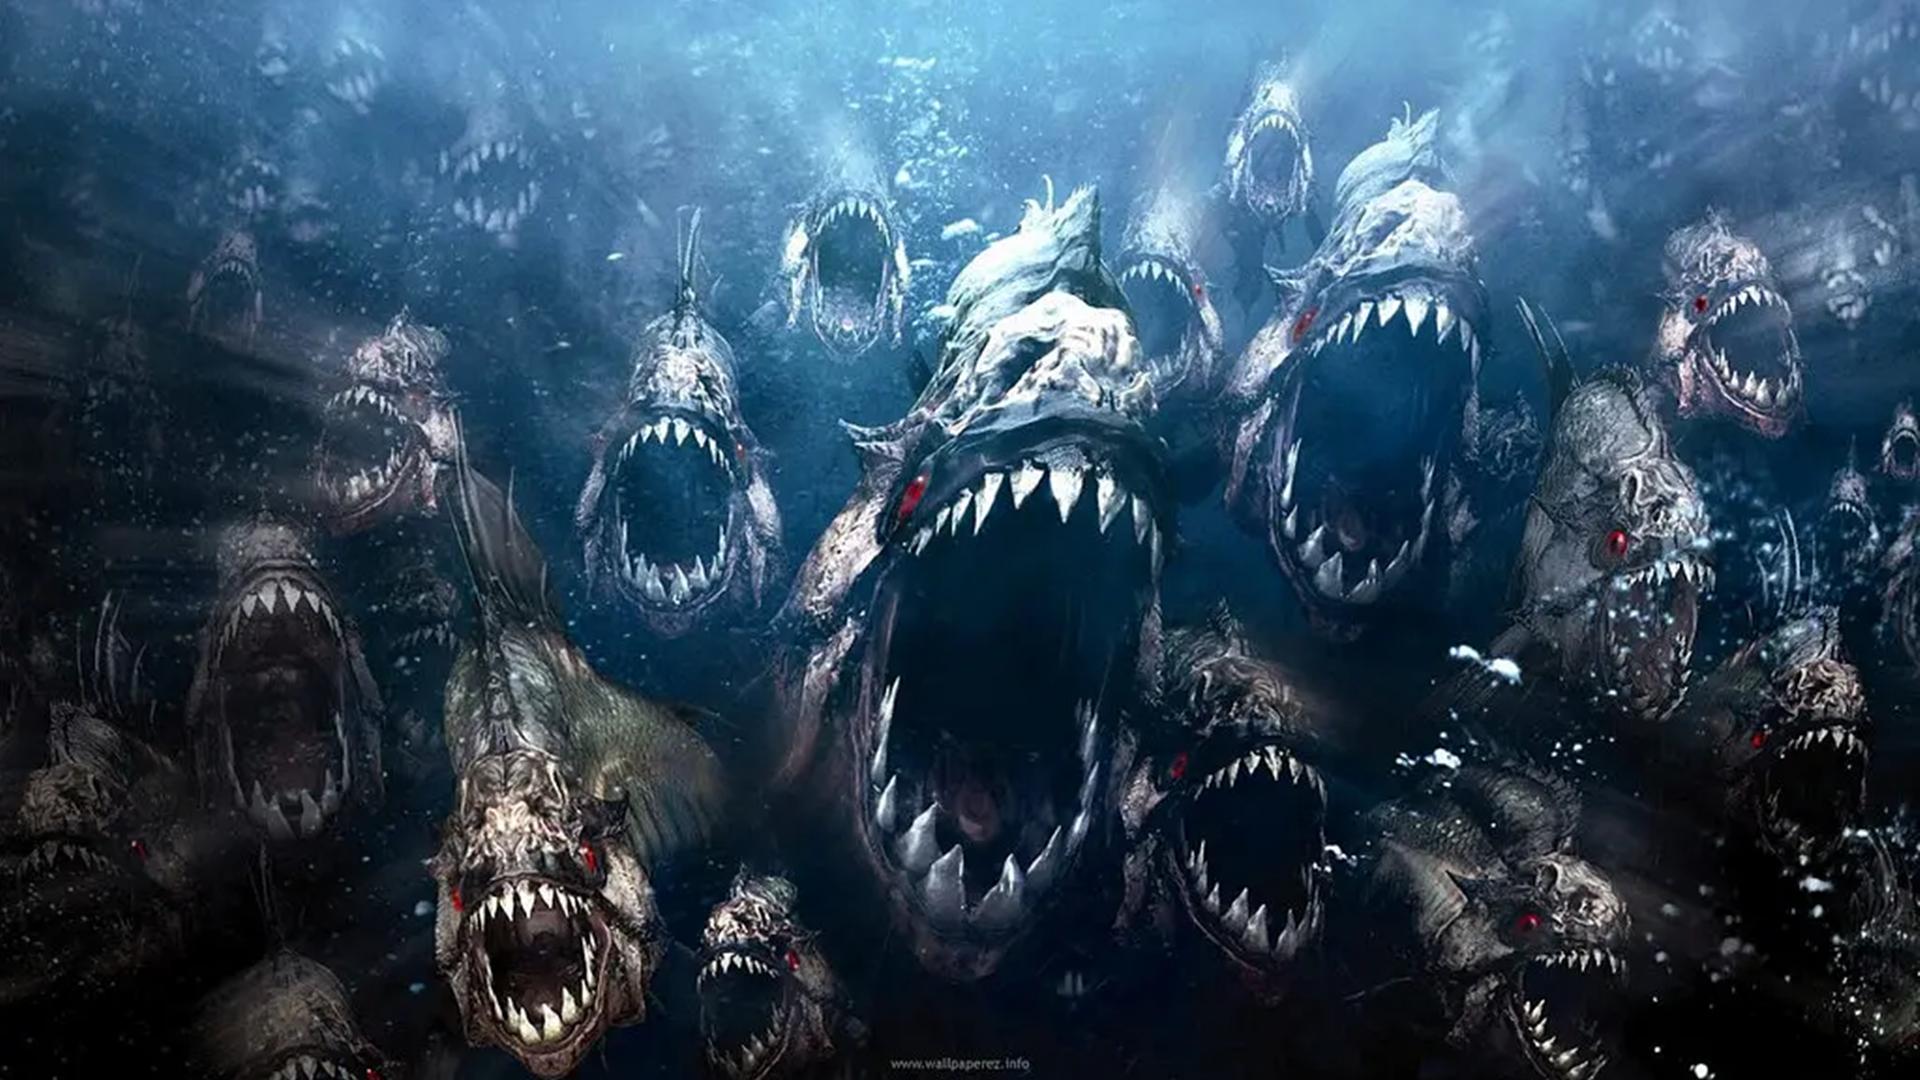 科幻大片:远古食人鱼入侵,疯狂繁衍后代,沿海城市瞬间崩塌!